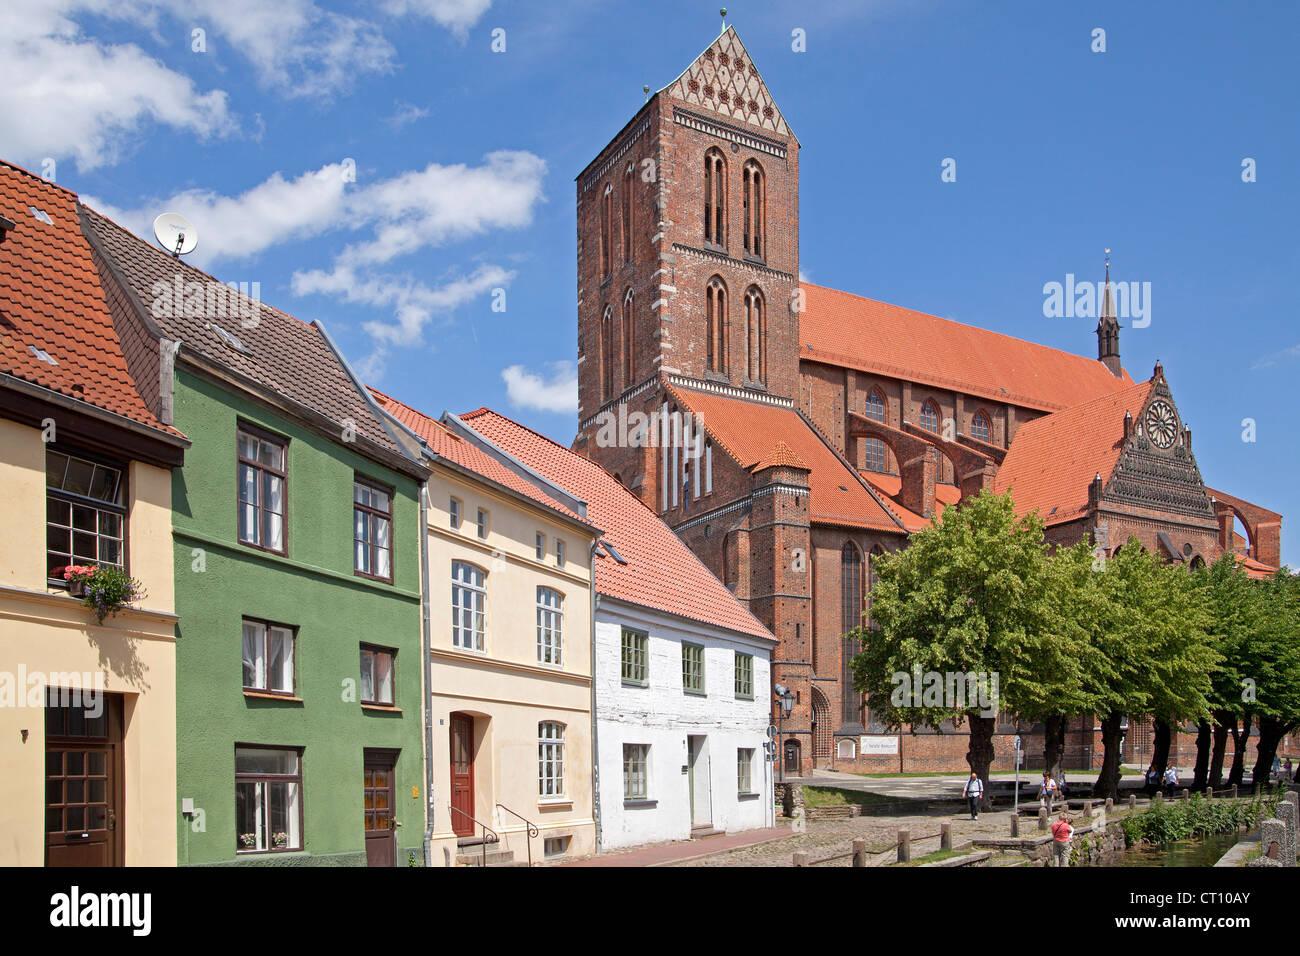 Nikolai Church, Wismar, Mecklenburg-West Pomerania, Germany - Stock Image